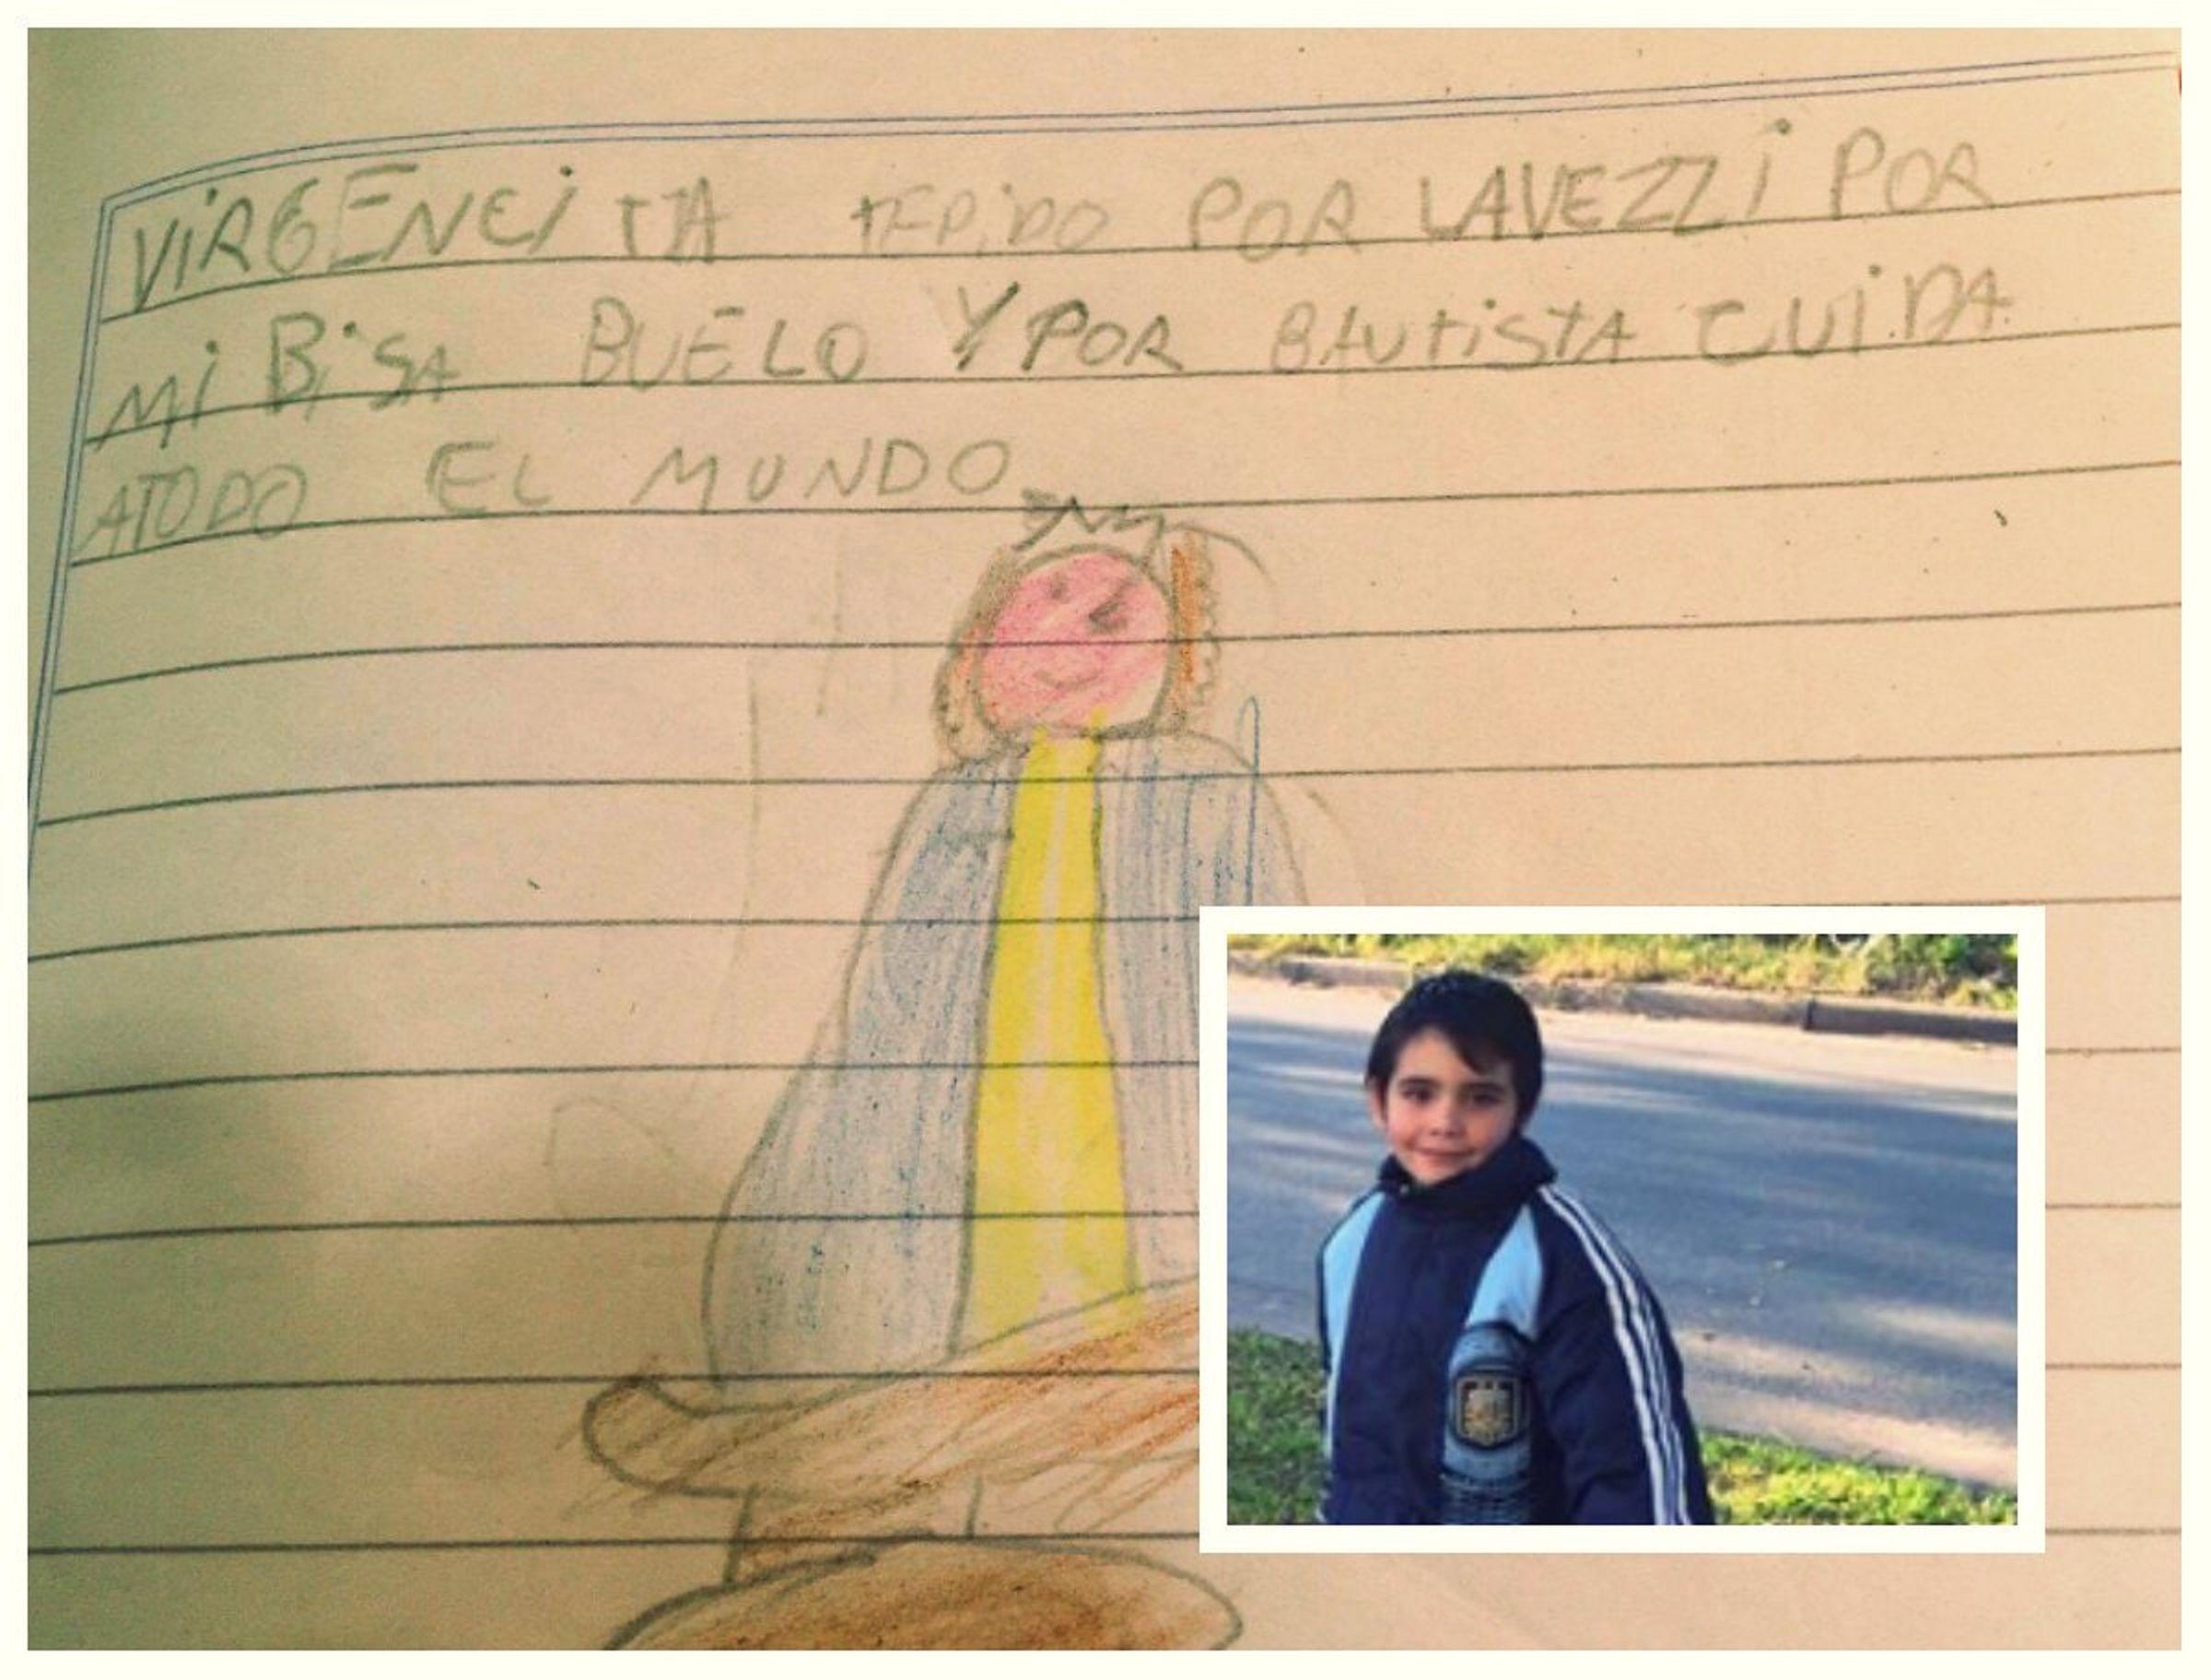 La oración a la Virgen de Luján de un niño de 8 años que conmueve a todos